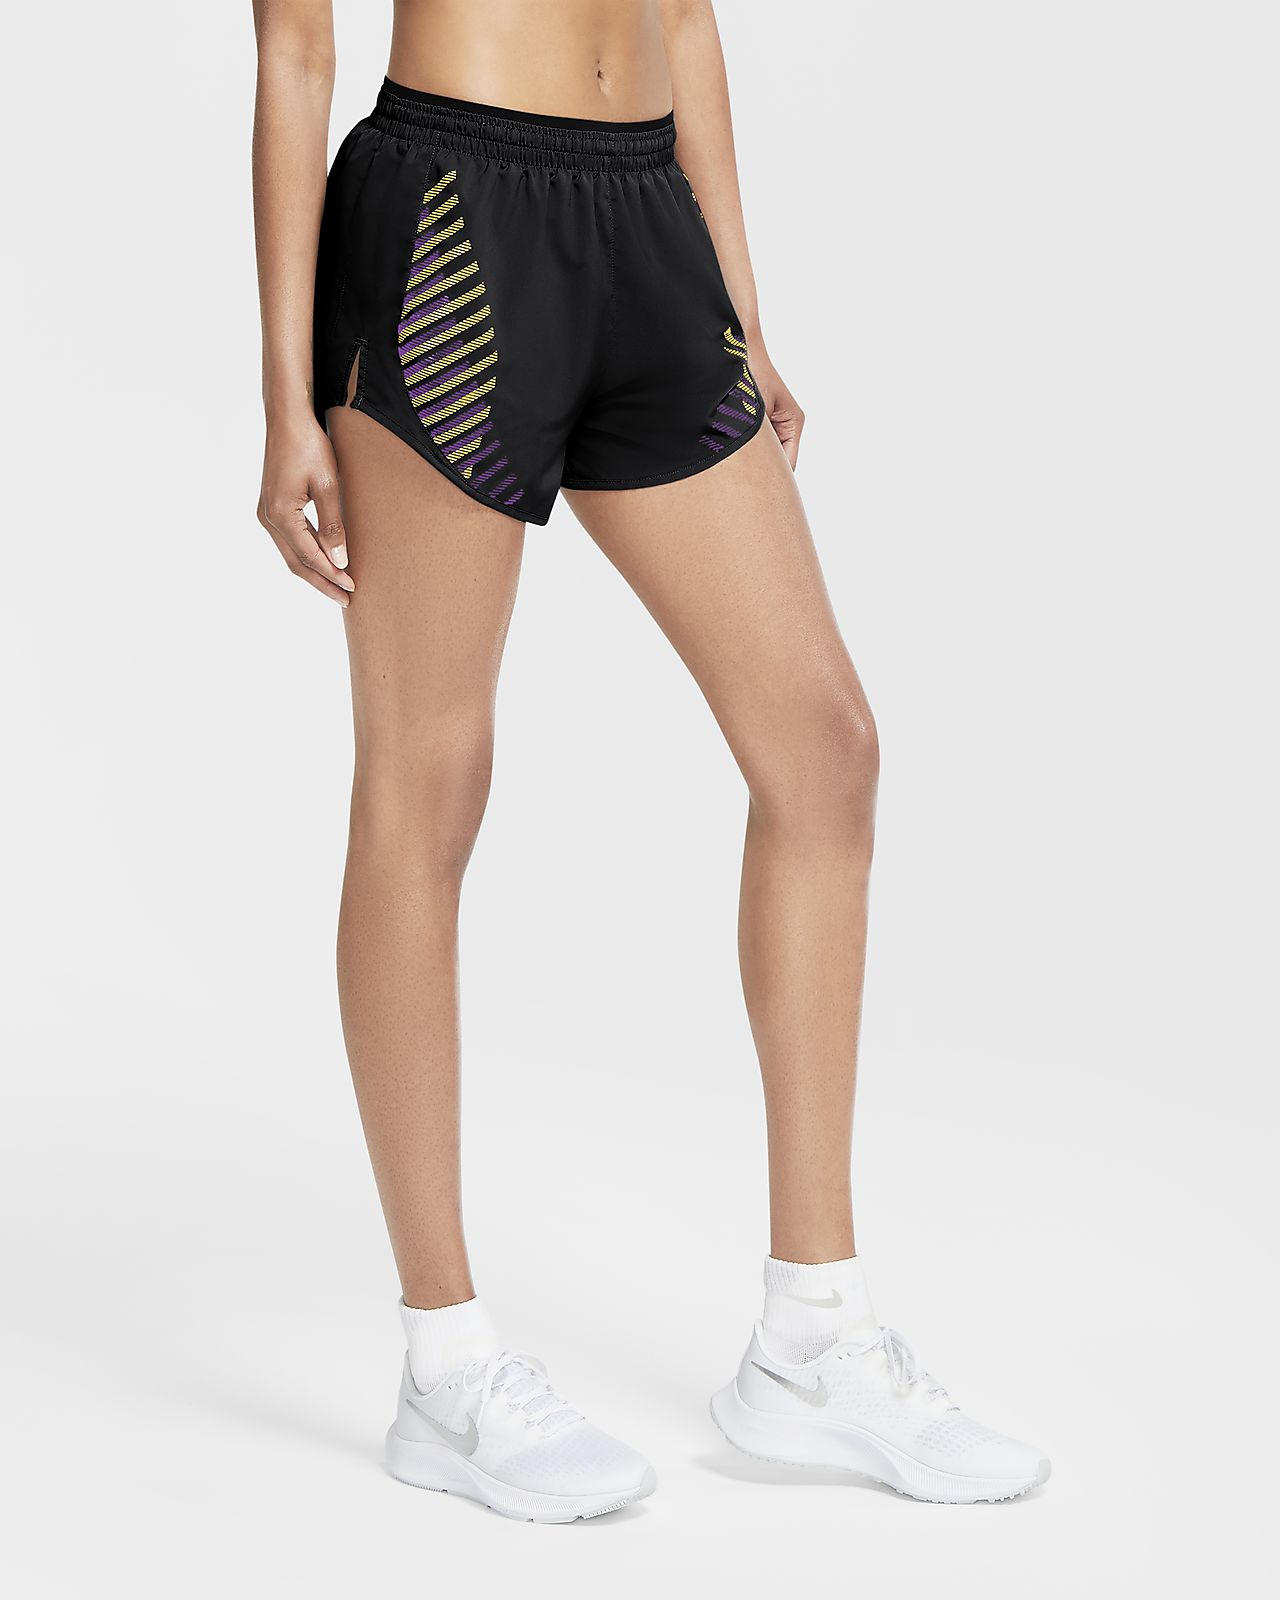 Löparshorts Nike Tempo Luxe för kvinnor